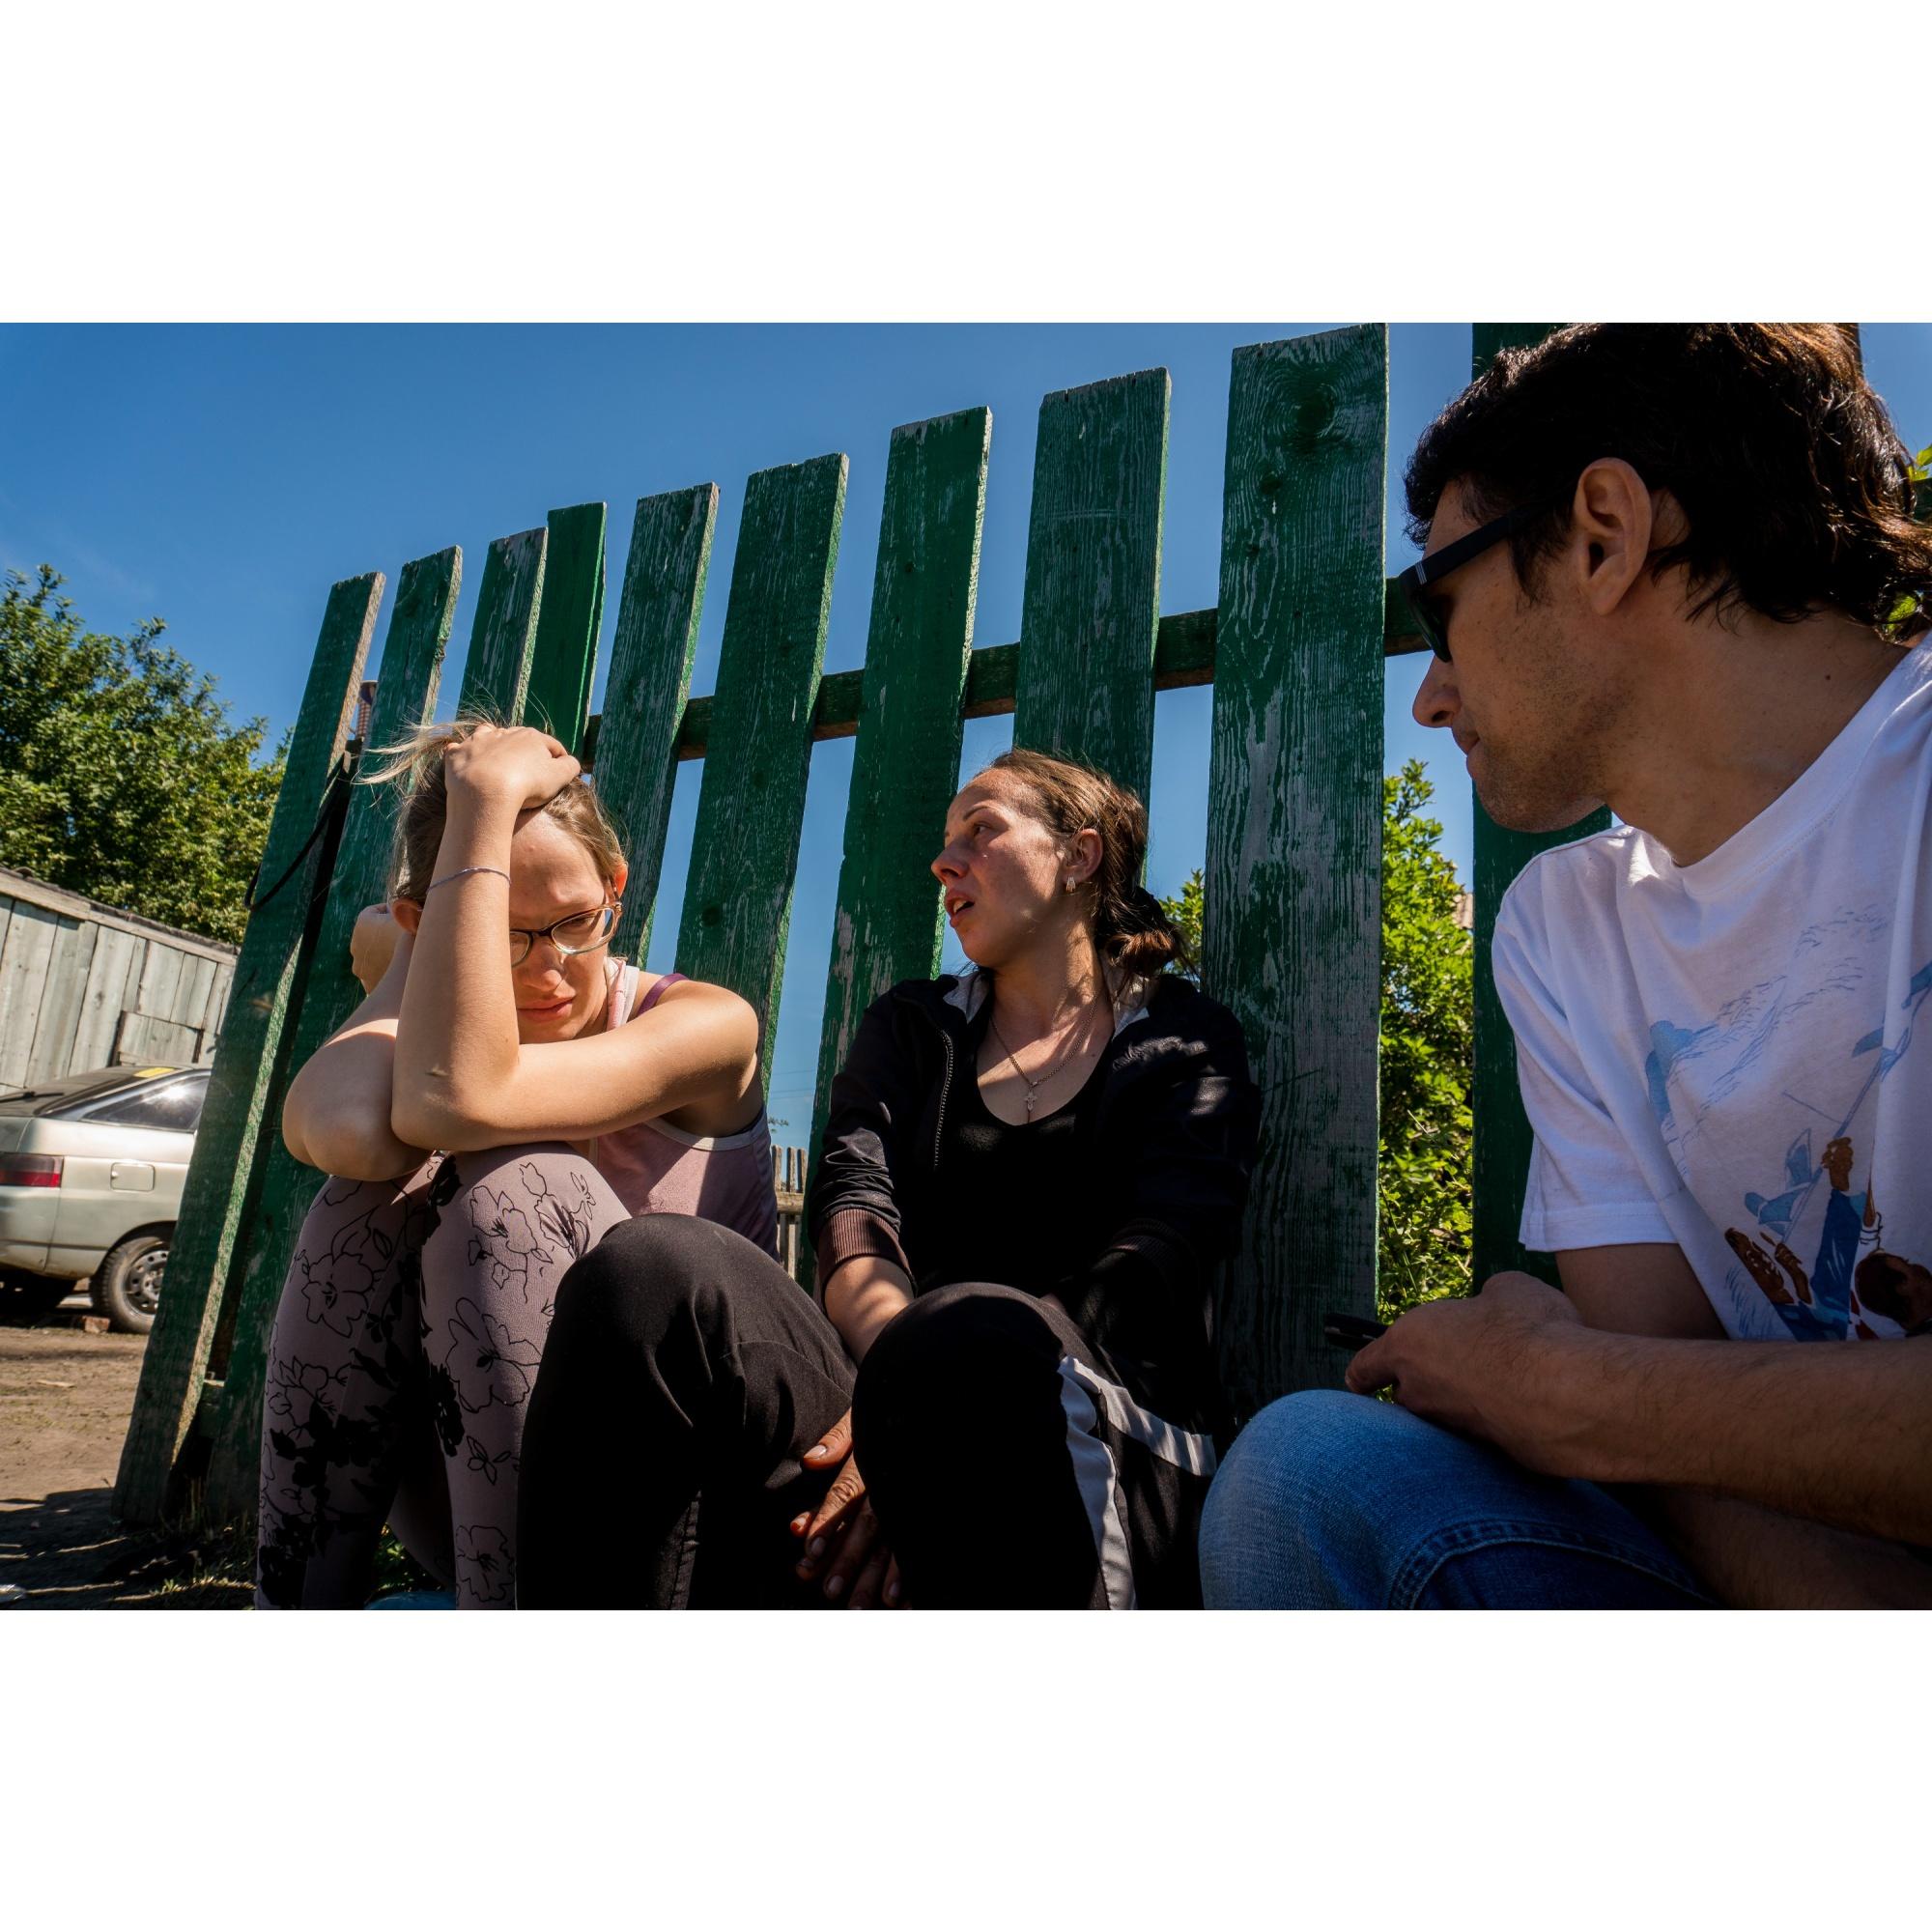 Дочери пострадавшей Надежды Сенцовой: Ксения Кривушина (слева) и Анастасия Сенцова (в центре)